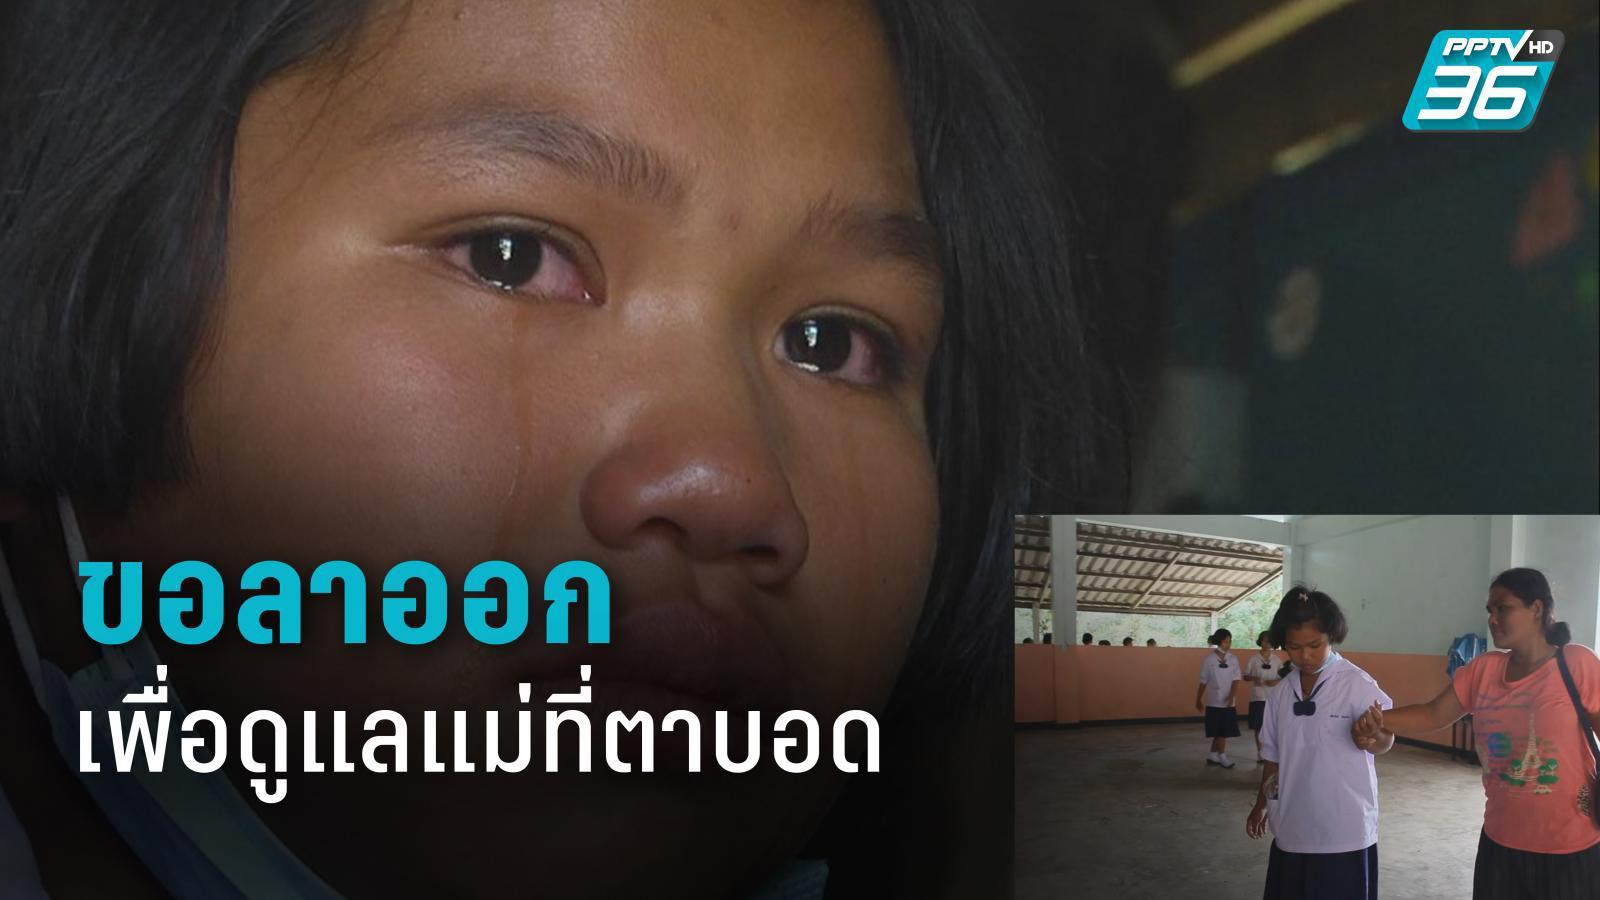 สุดรันทด! เด็กหญิงป.6 ยอดกตัญญู ขอลาออกจากโรงเรียน หวังทำงานเลี้ยงแม่ที่ตาบอด